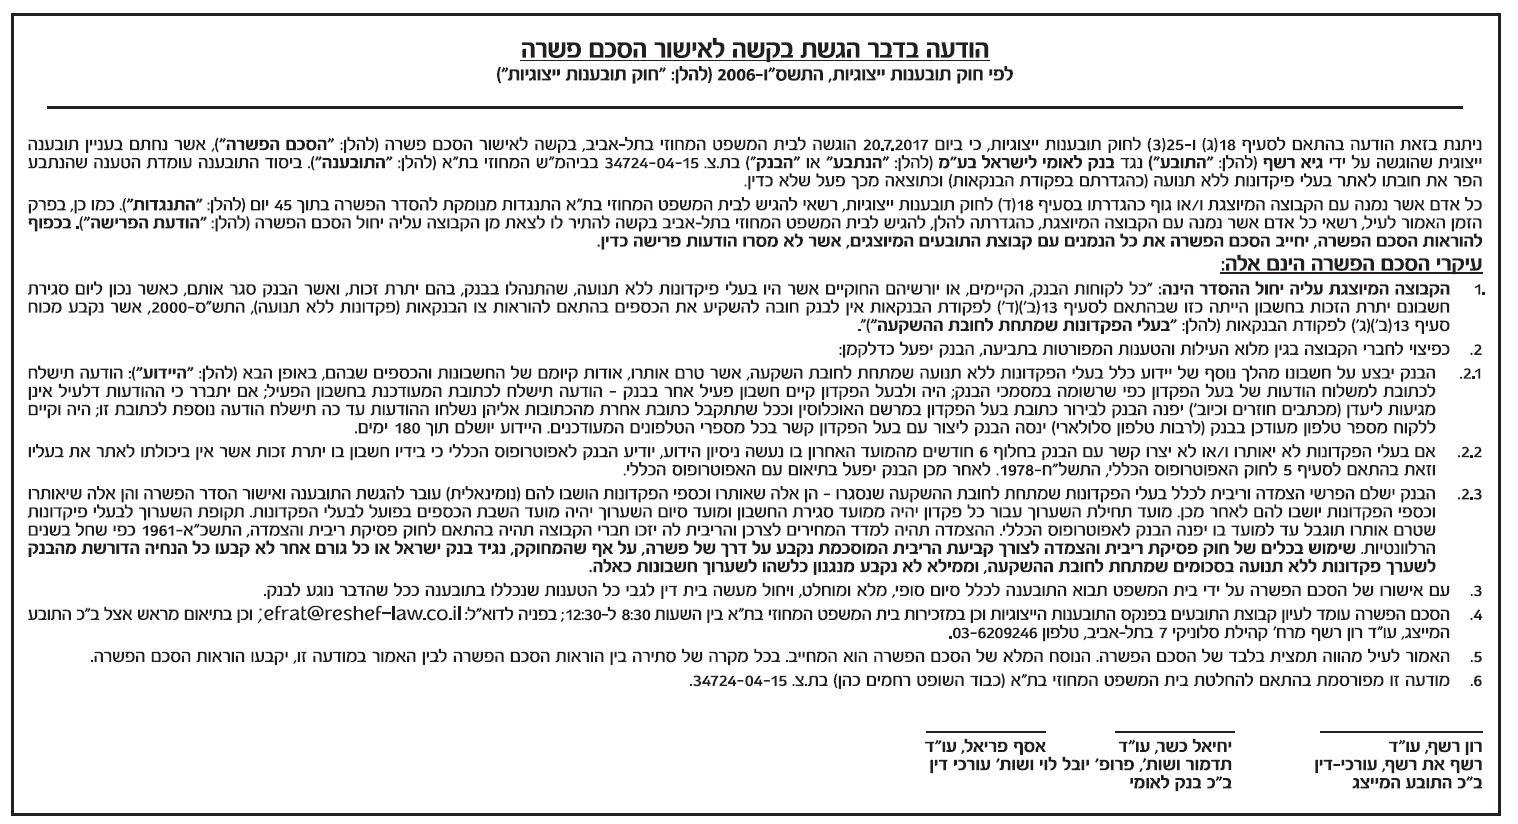 בנק לאומי לישראל בעמ אוגוסט